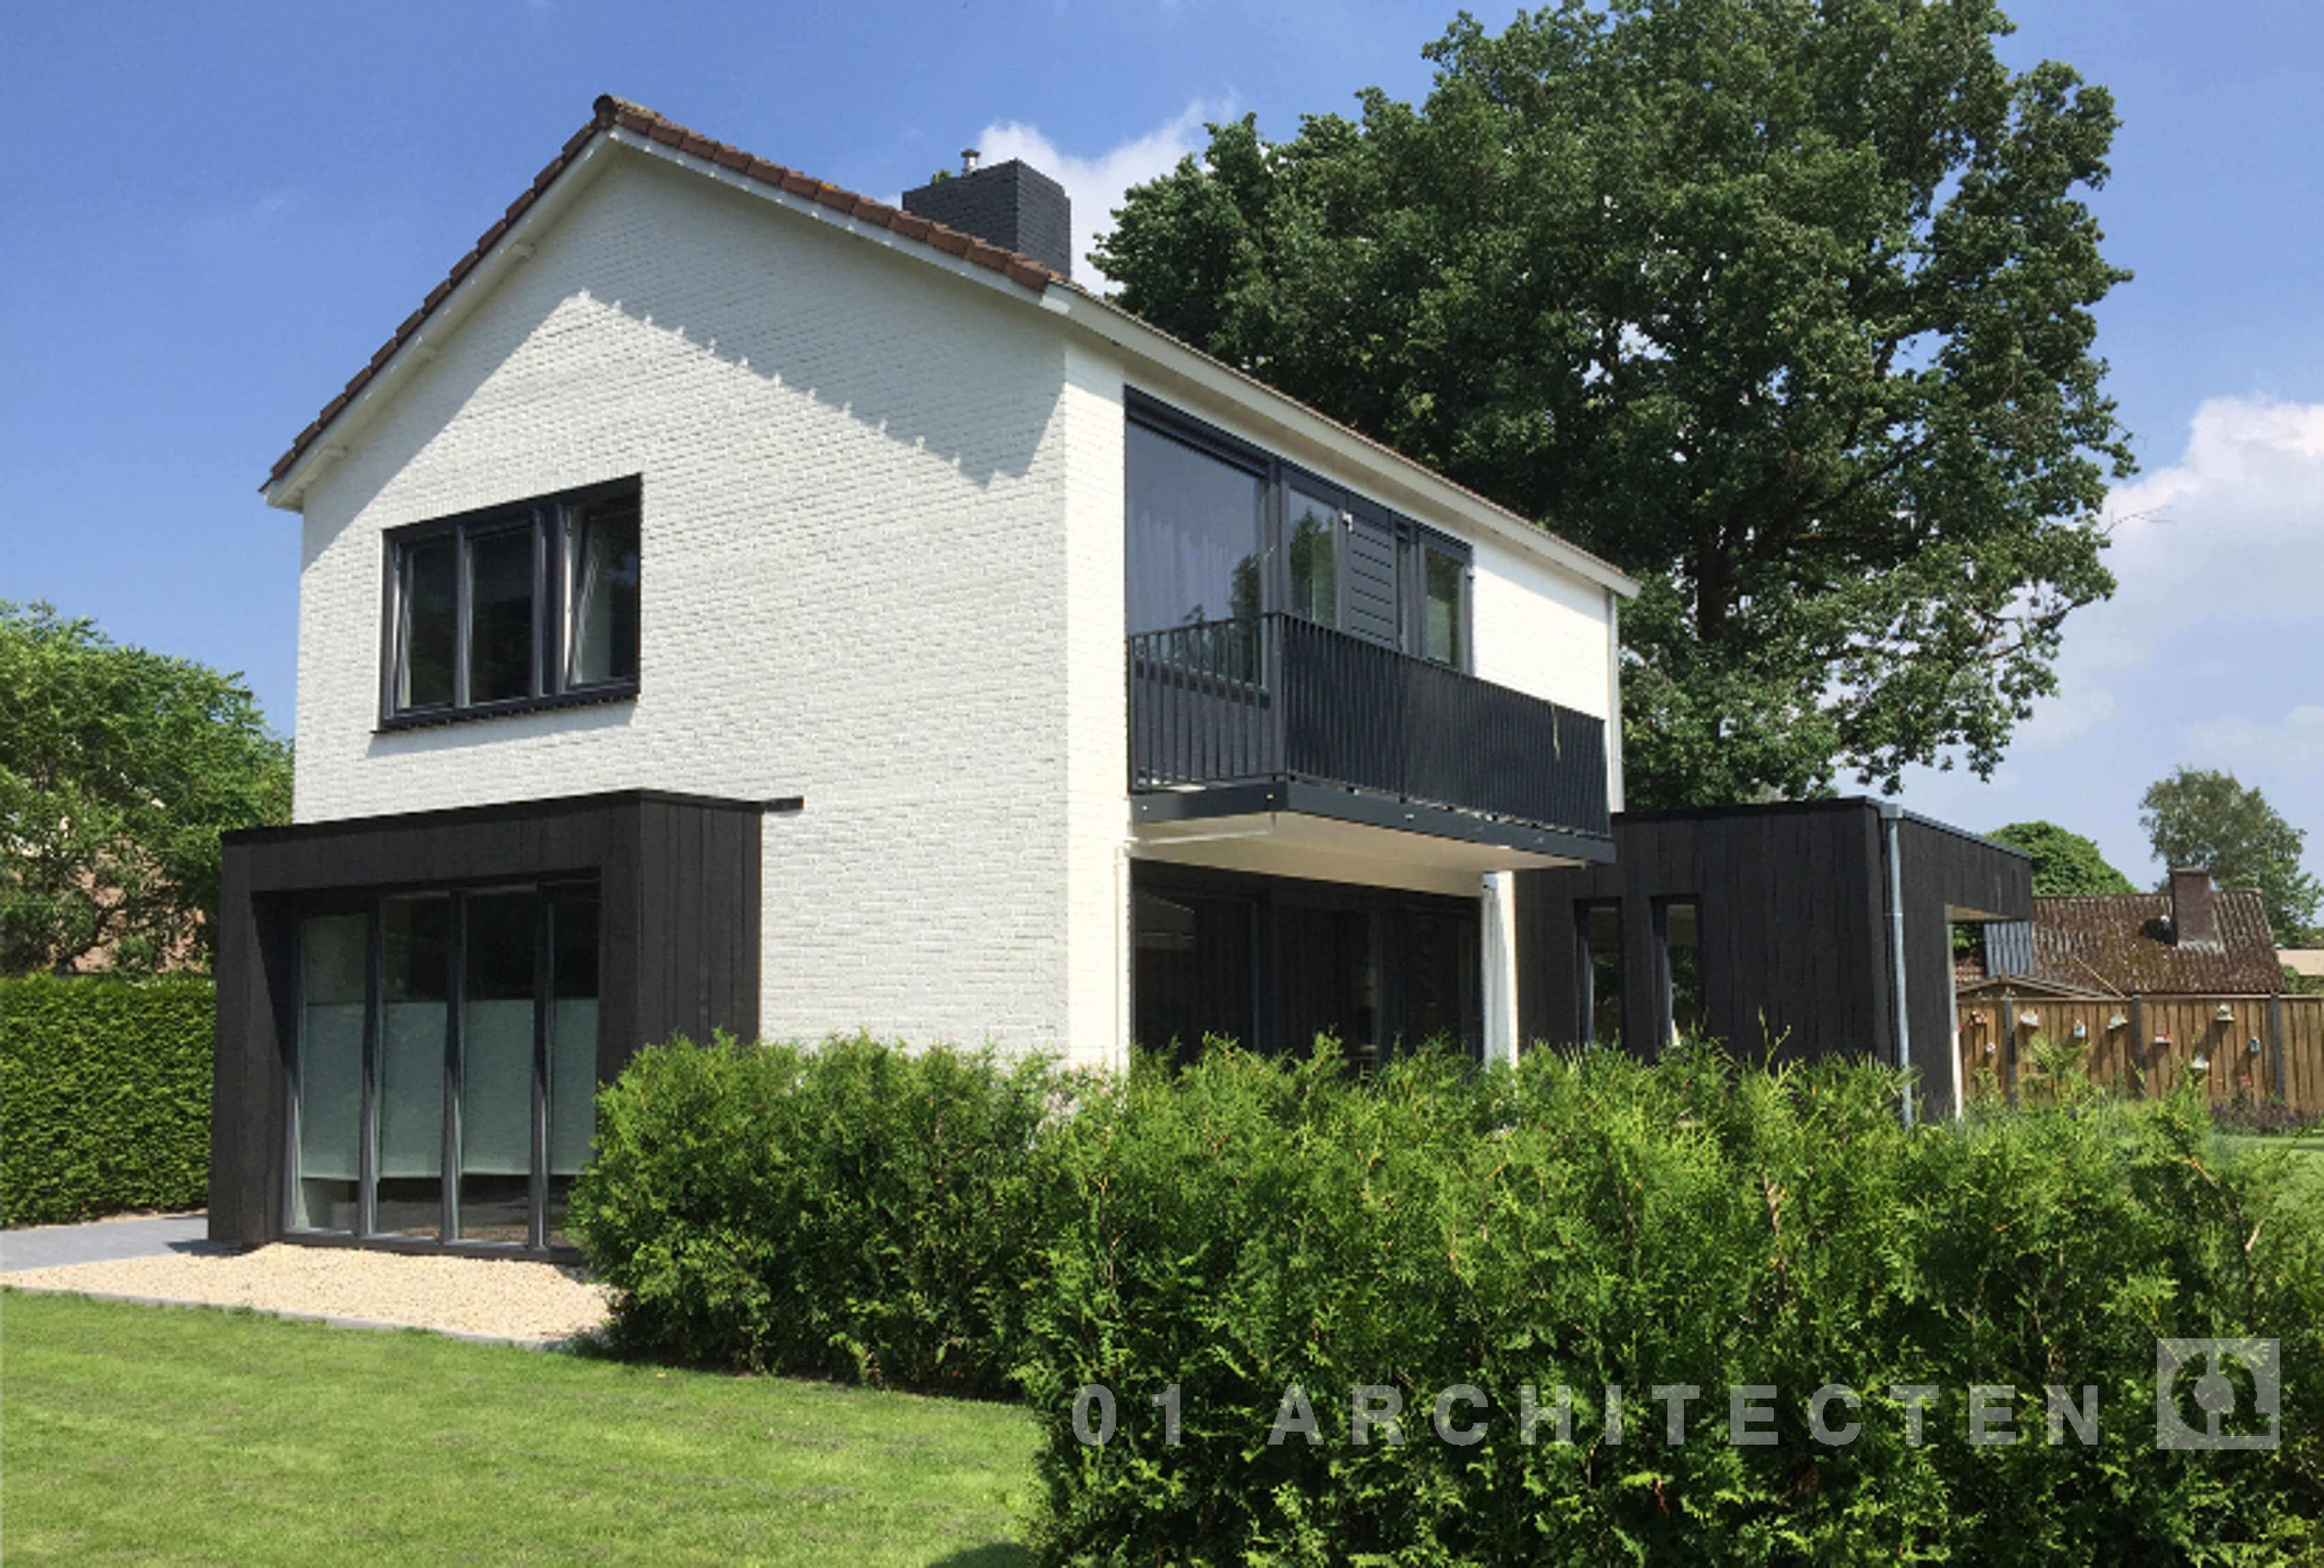 Foto 39 s woningen en villa 39 s verbouw 01 architecten - Foto gevel moderne villa ...